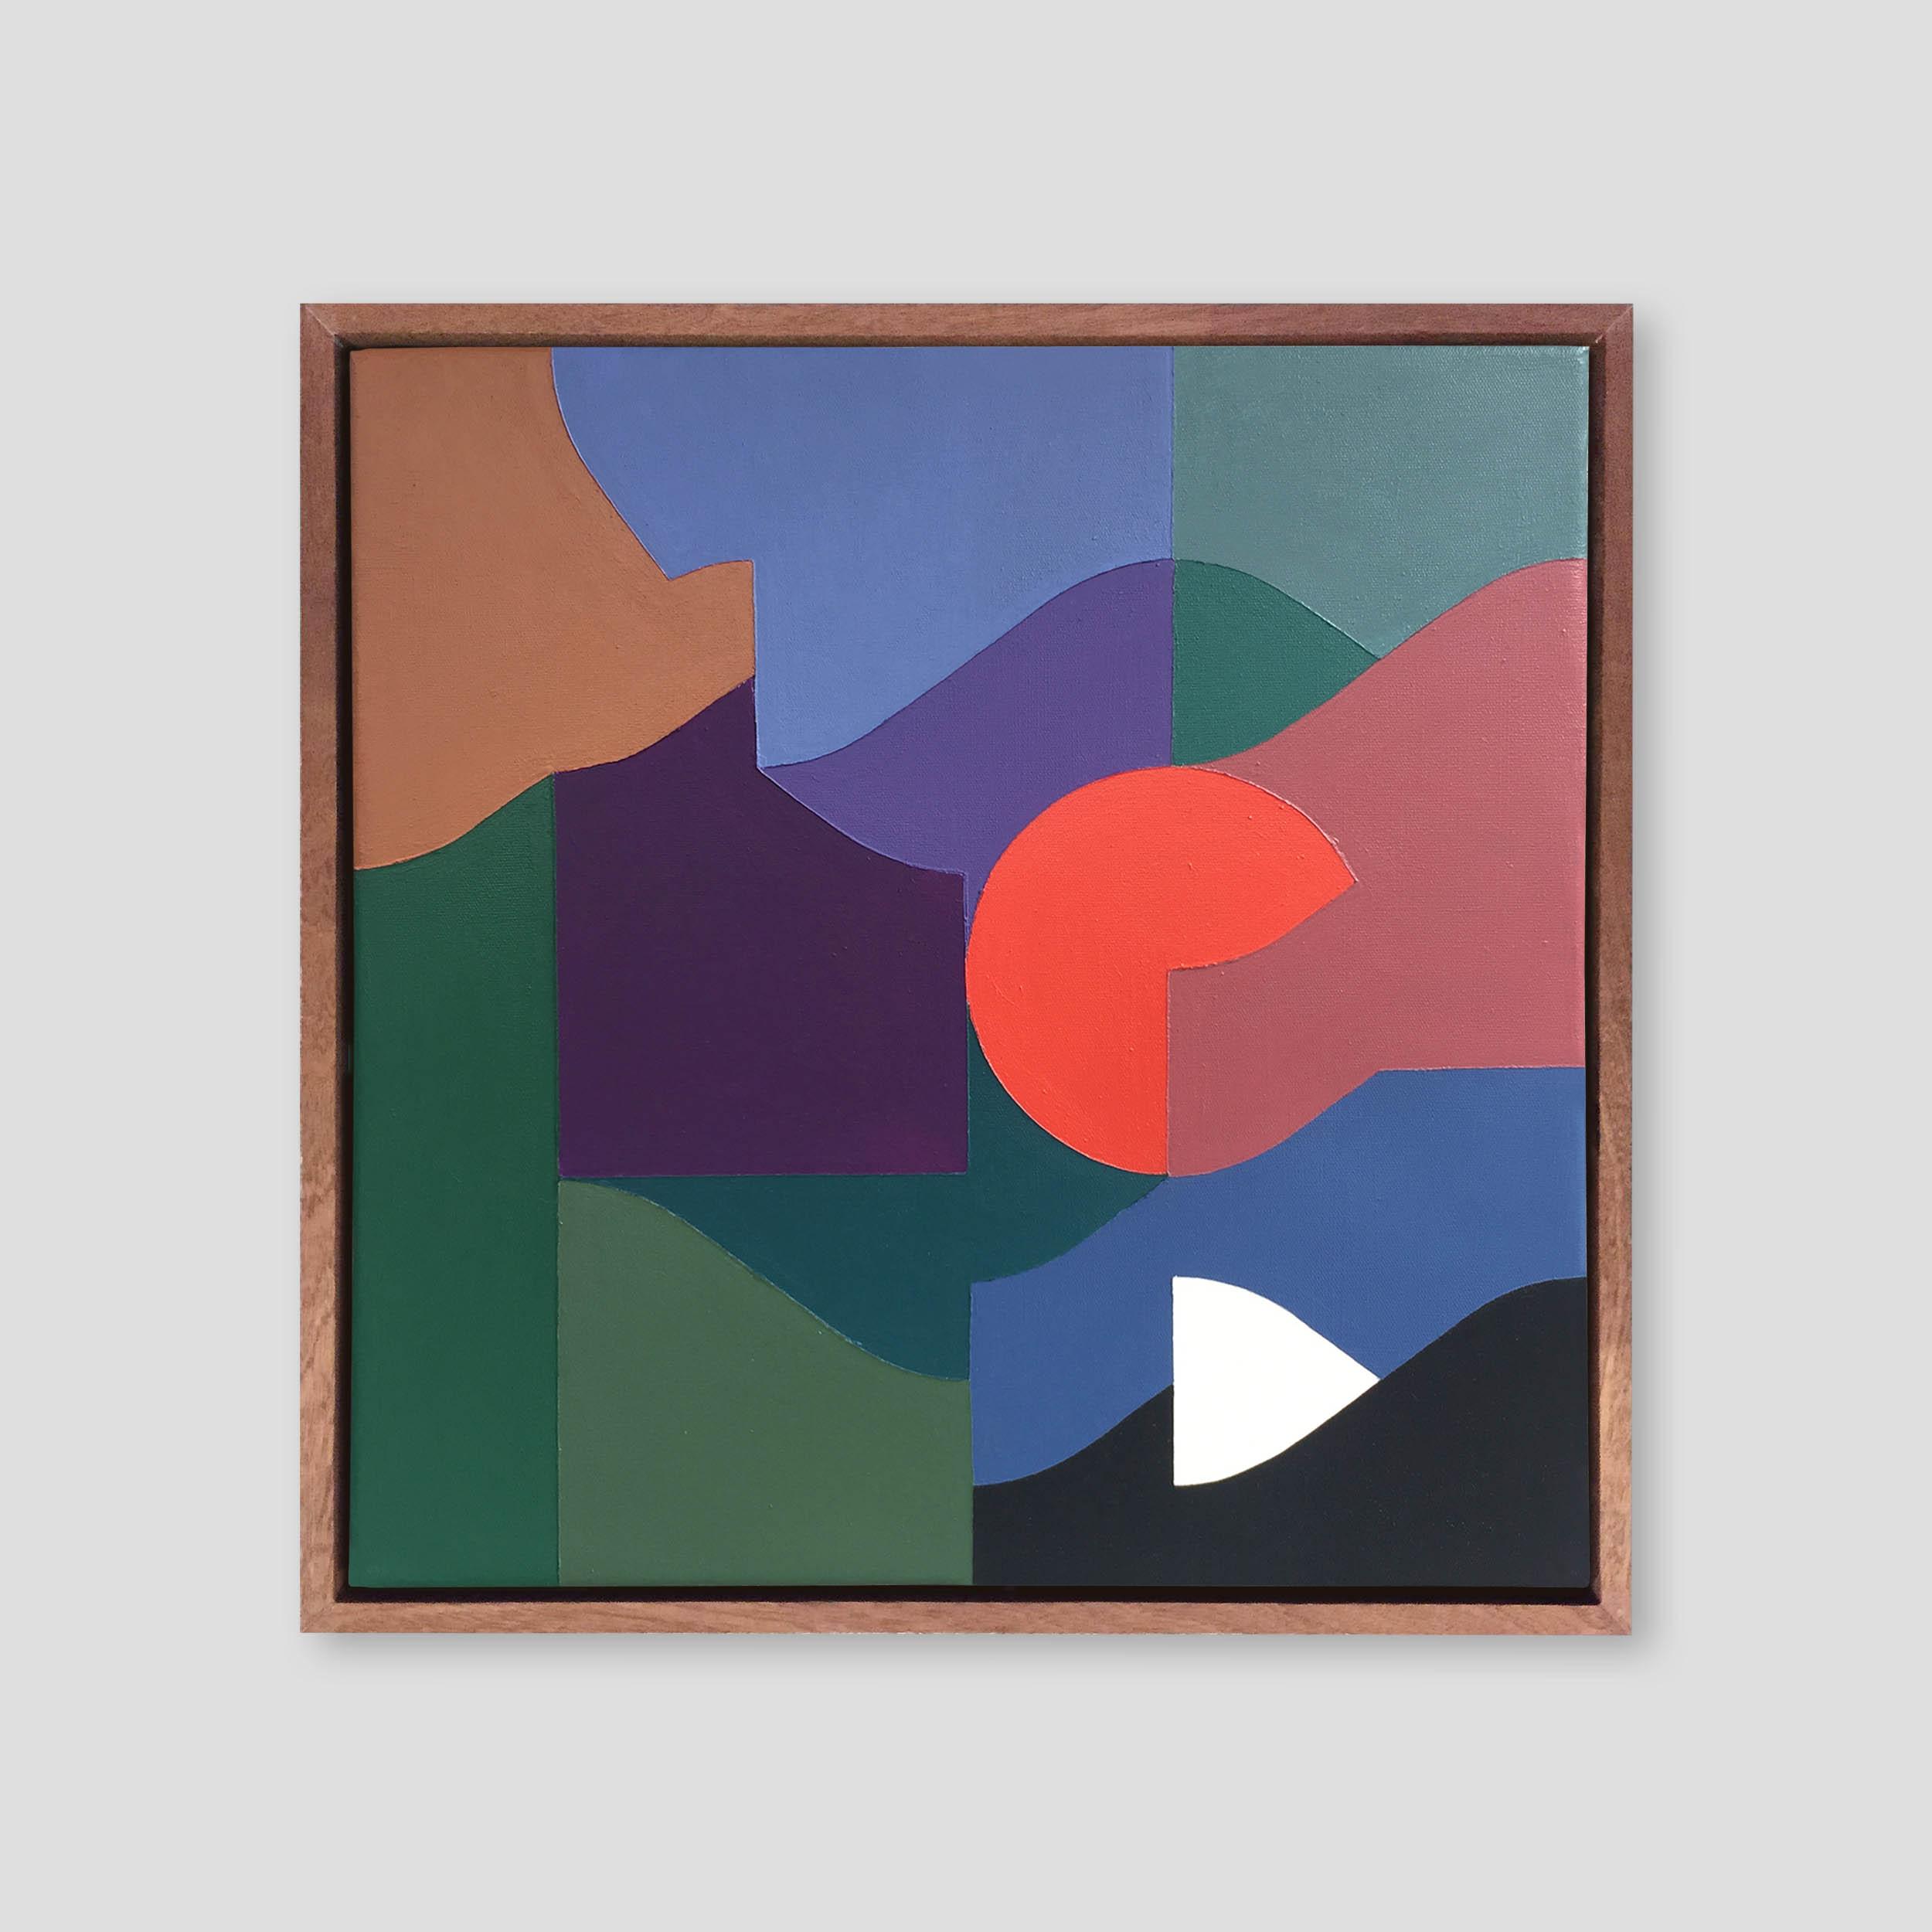 square-composition-no.13-sam-smyth.jpg